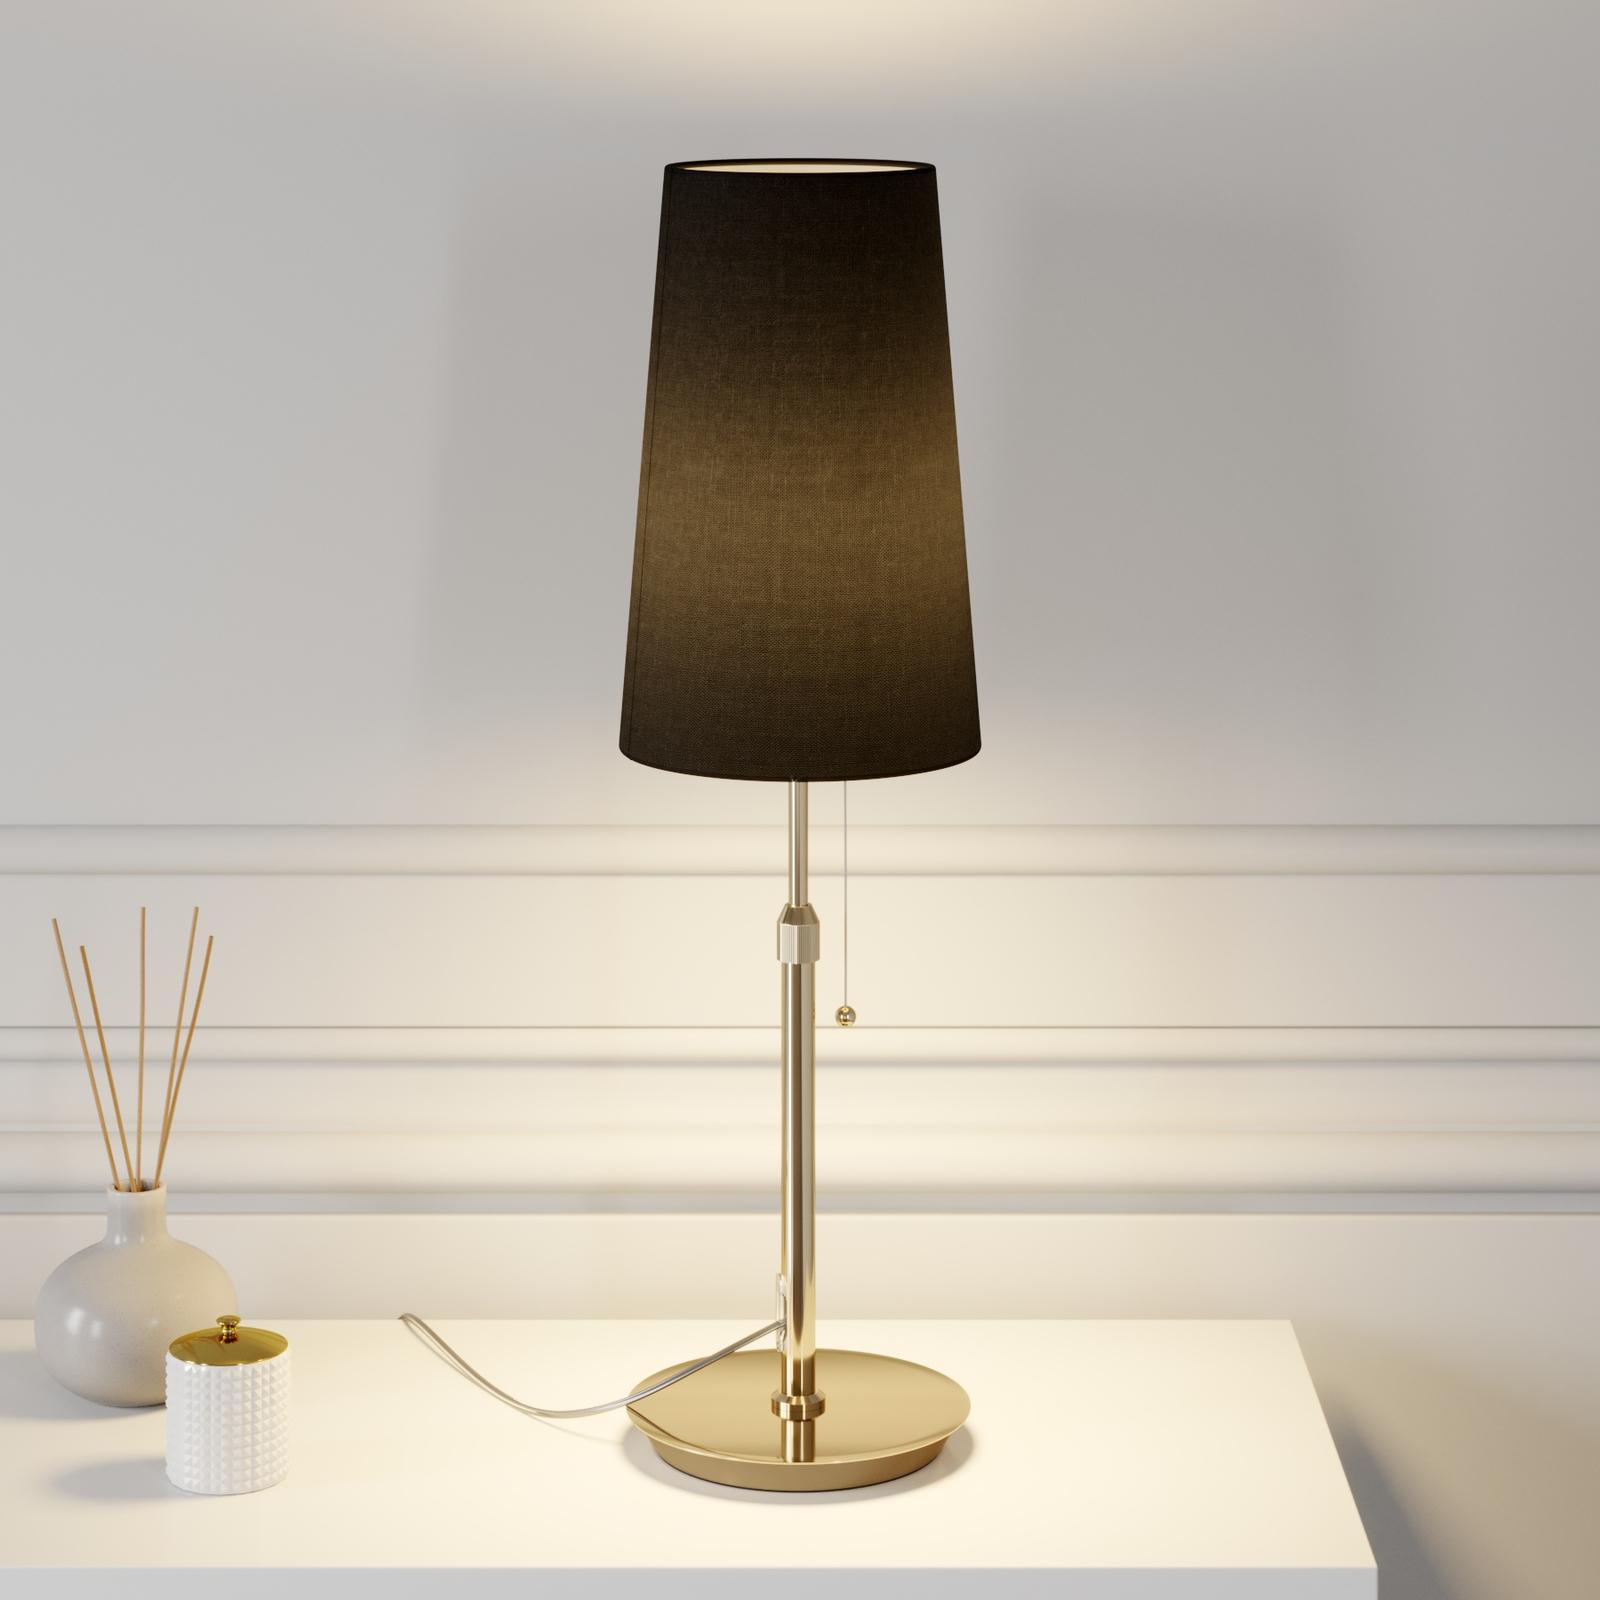 Lucande Pordis tafellamp, messing-zwart